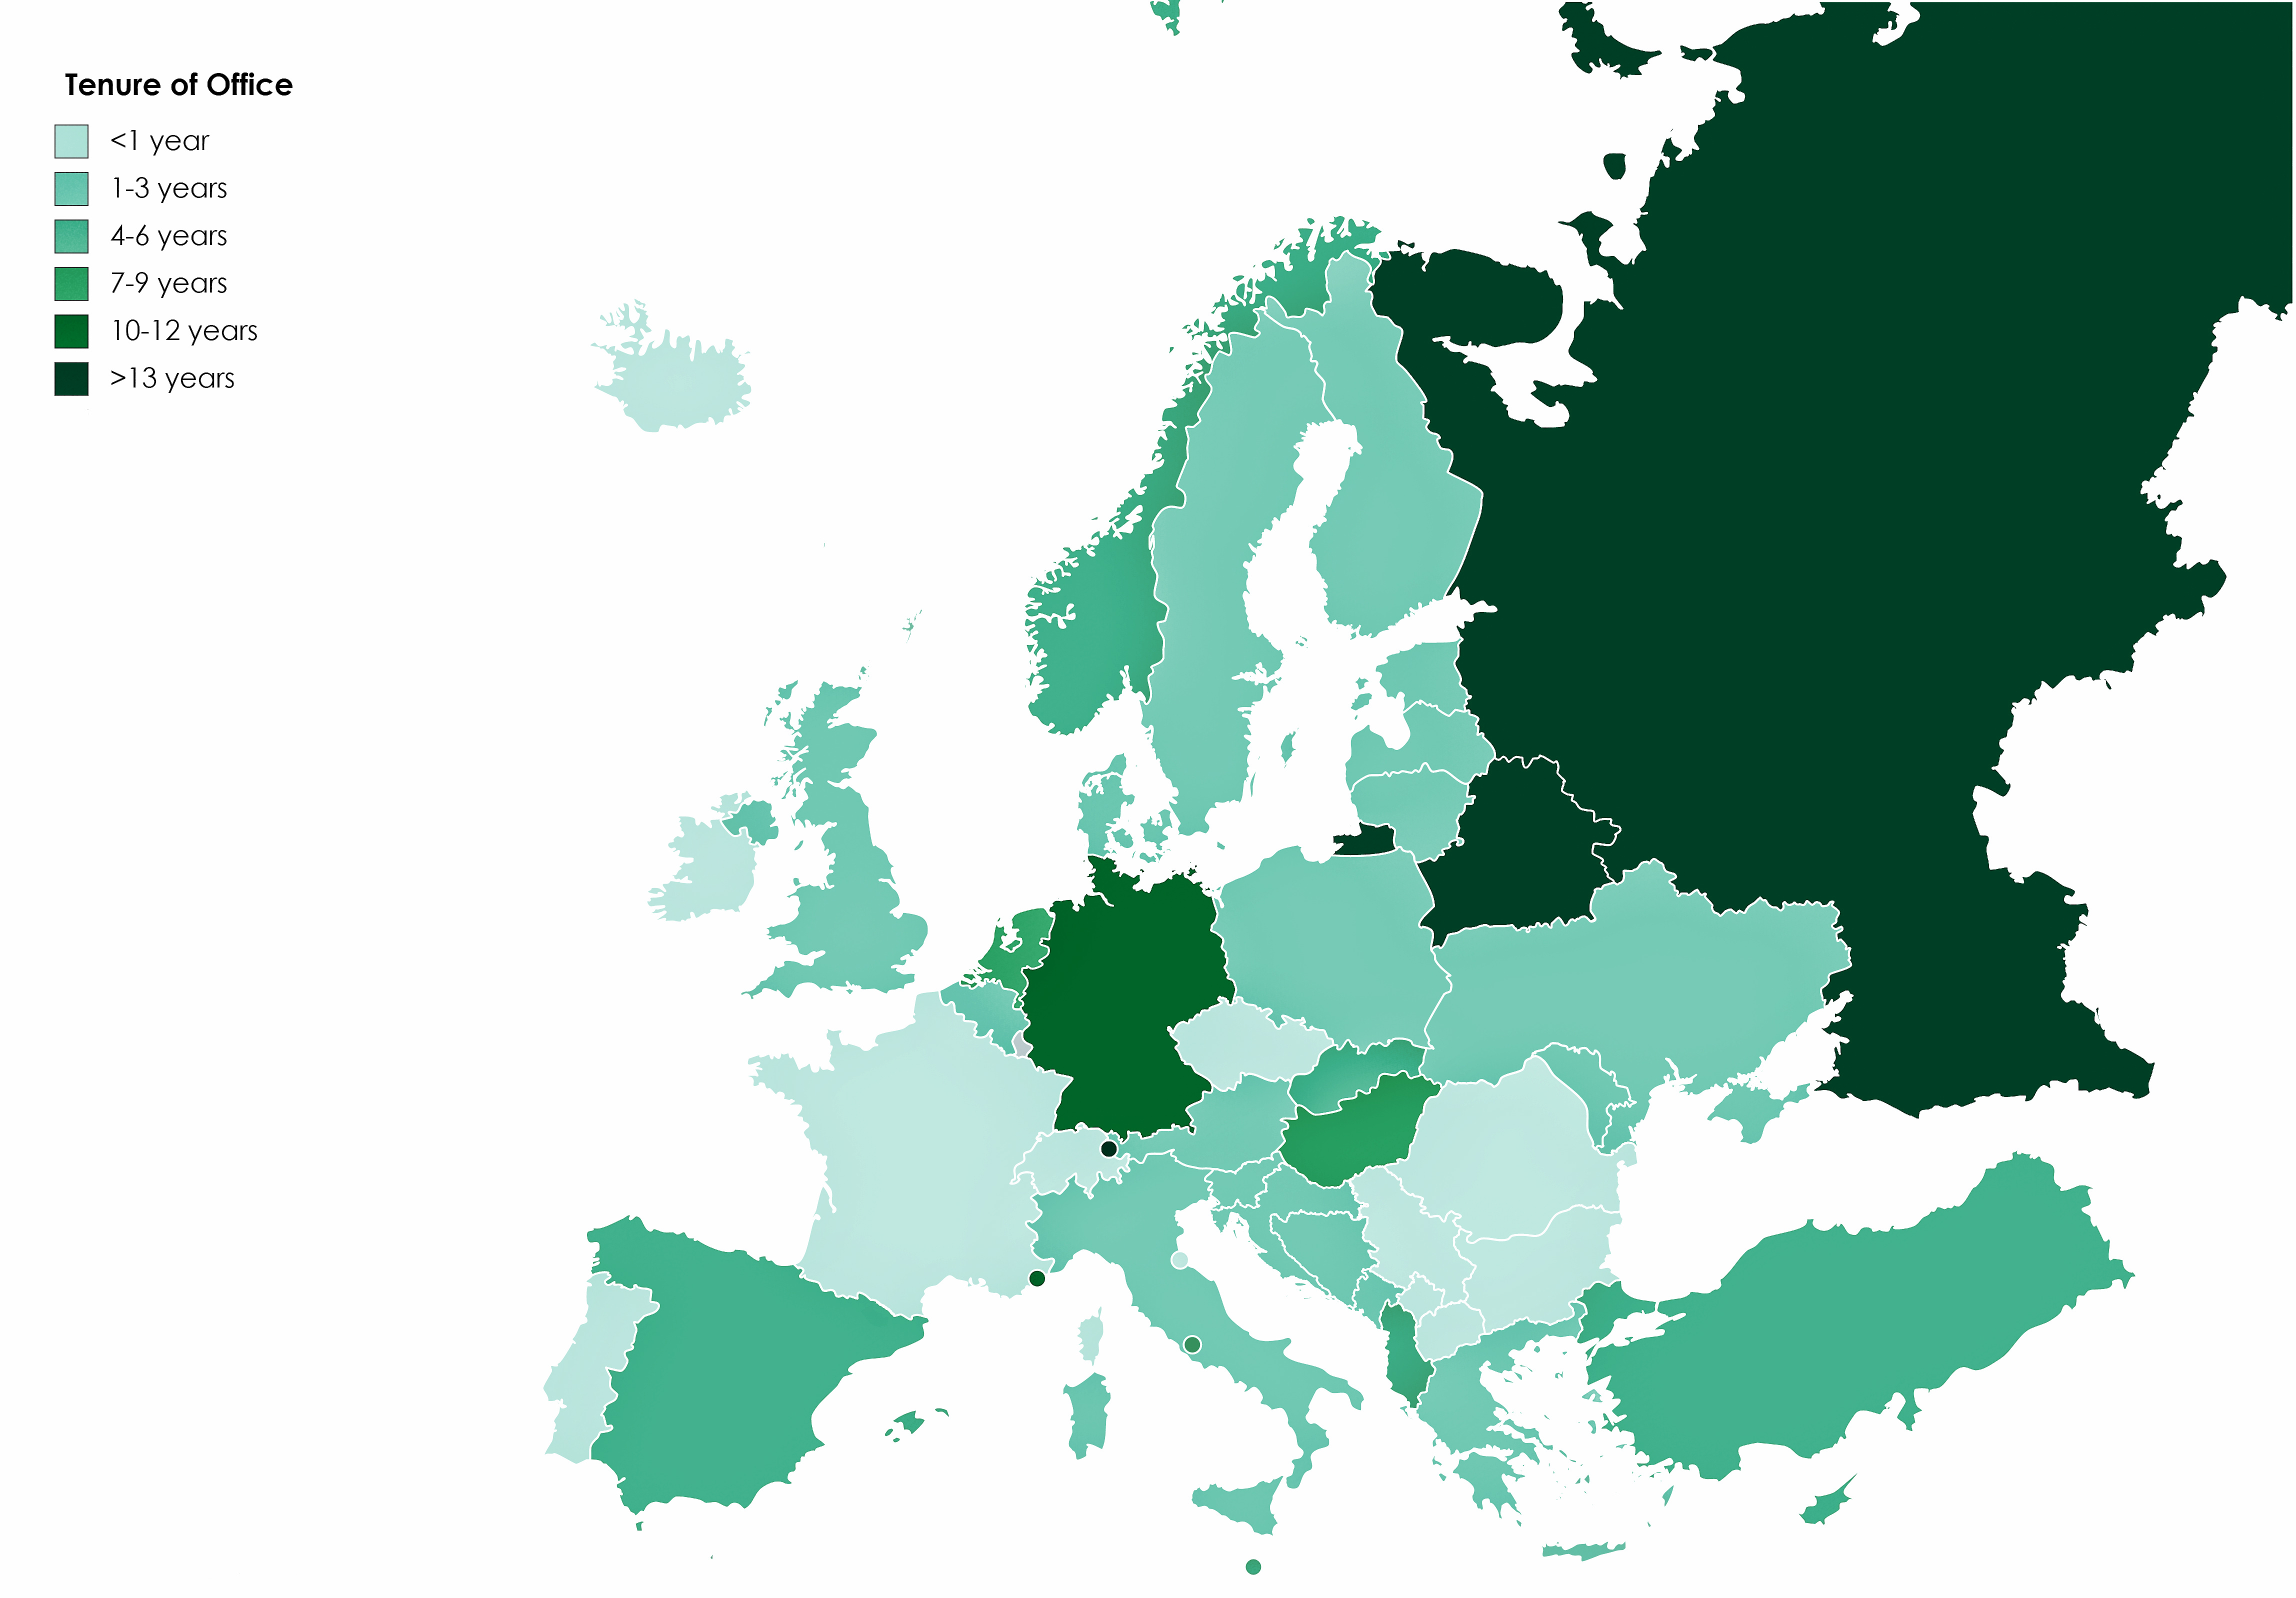 European mao of tenure of office of leader